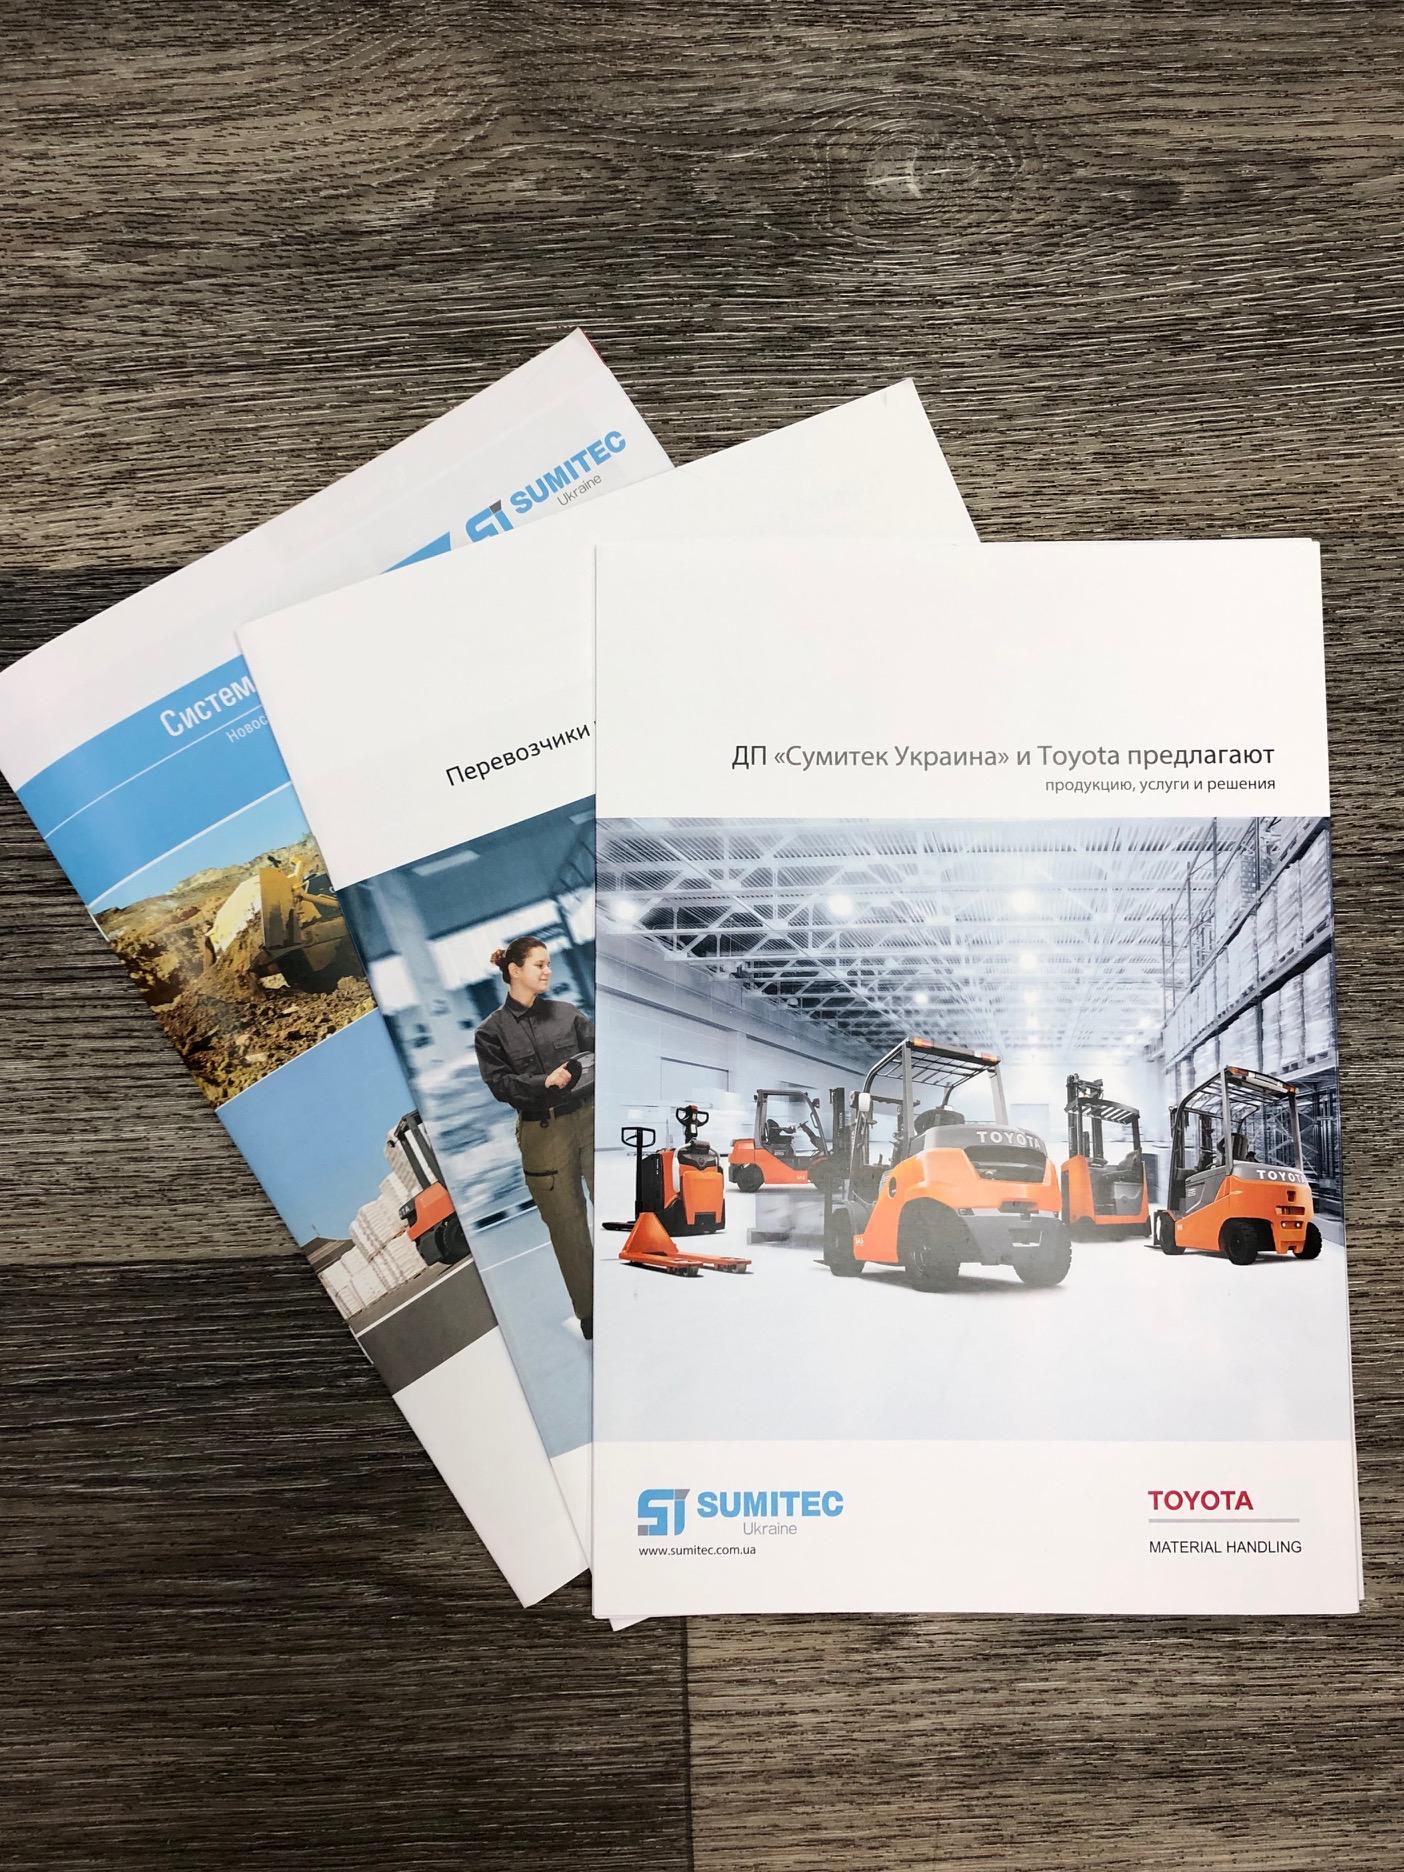 Комплект печатных материалов Сумитек Украина: корпоративный журнал и информационные буклеты